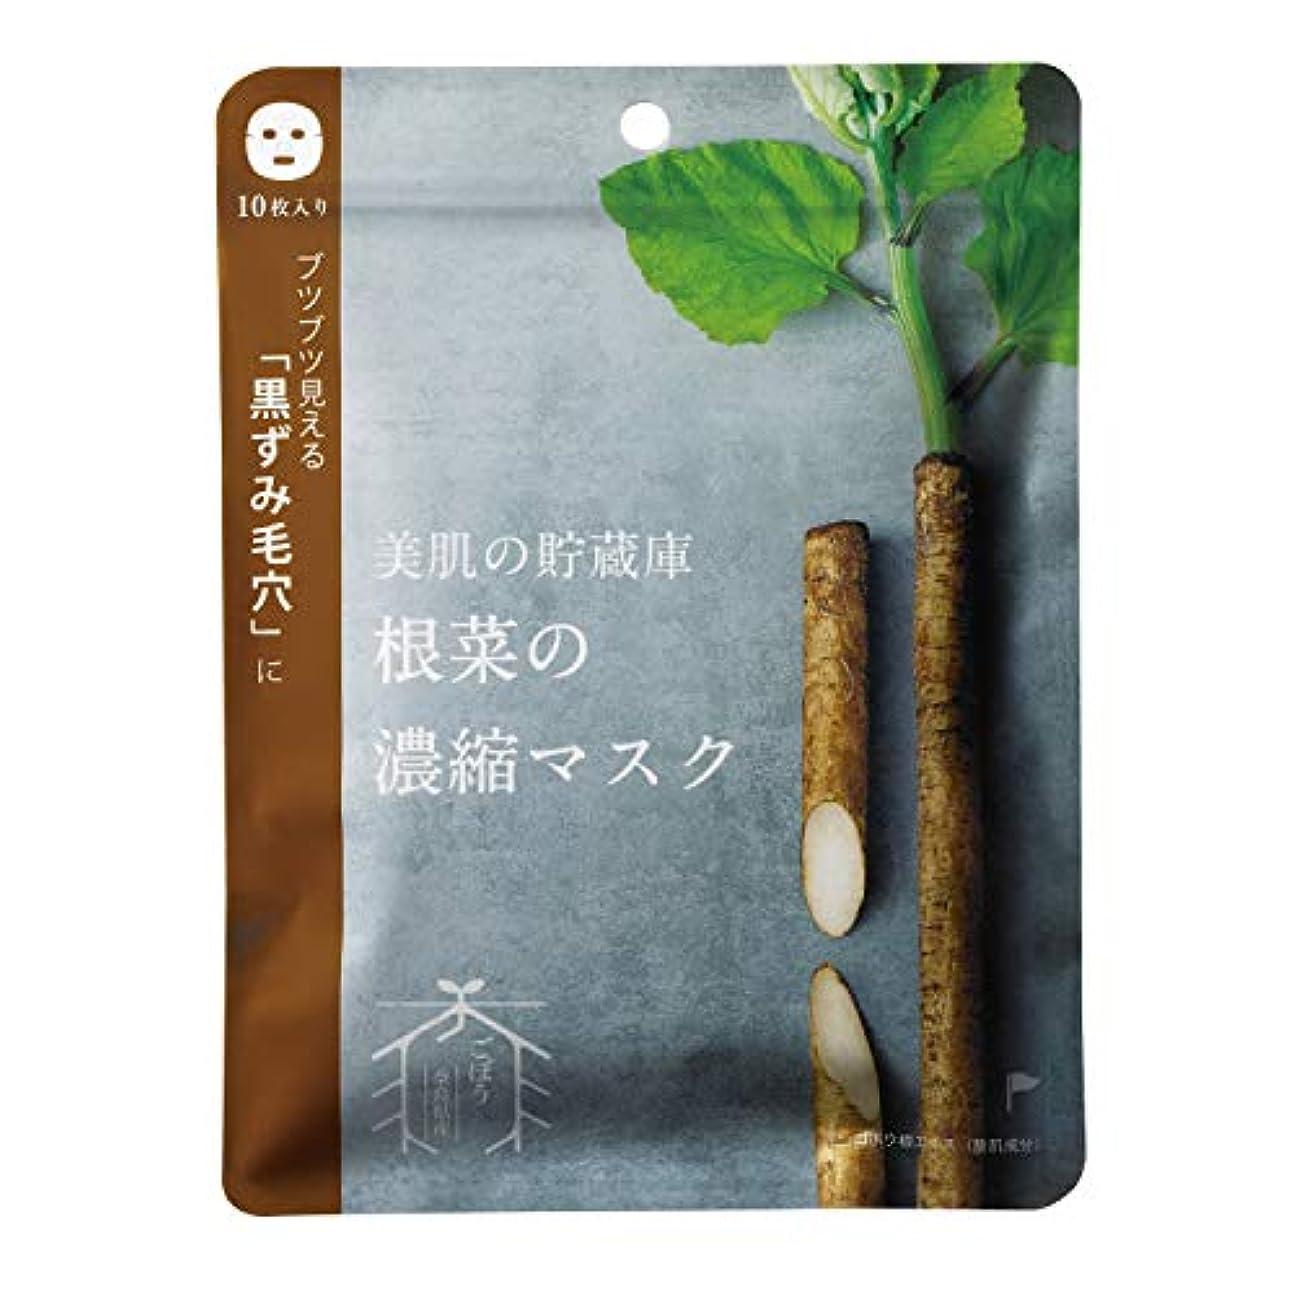 ブロッサムユーモラス悲劇的な@cosme nippon 美肌の貯蔵庫 根菜の濃縮マスク 宇陀金ごぼう 10枚 160ml